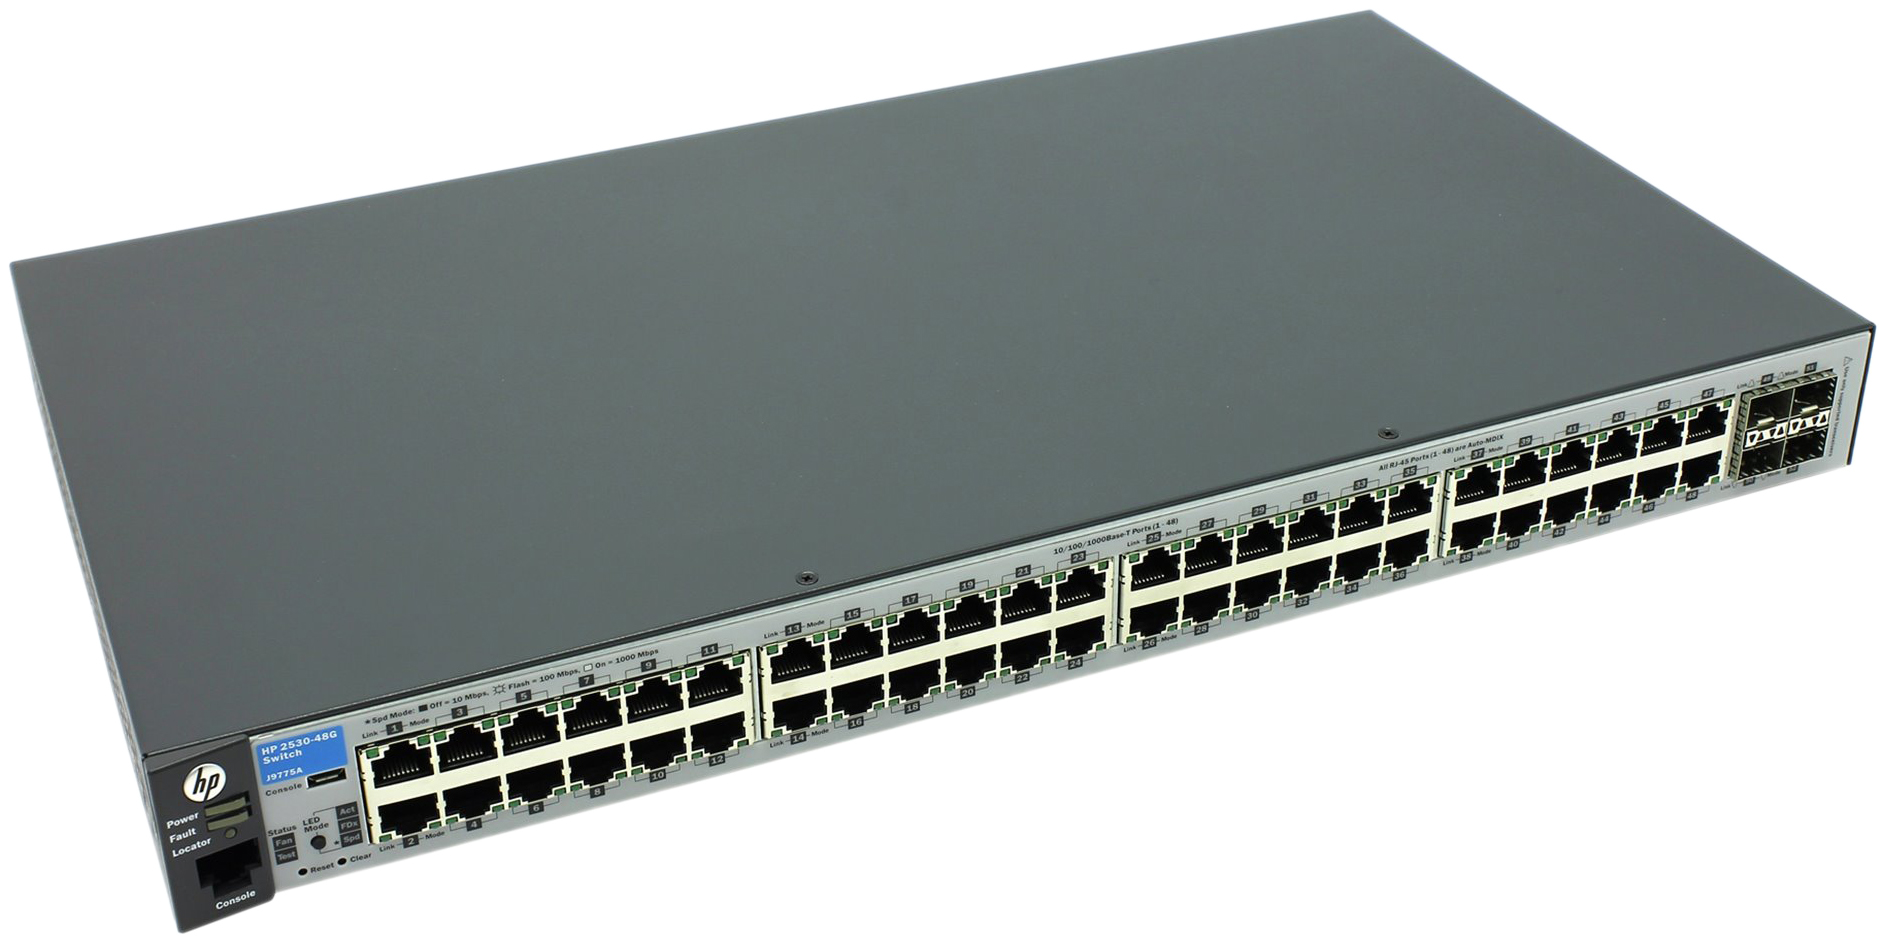 Коммутатор HP Aruba 2530-48G J9775A Серый, черный